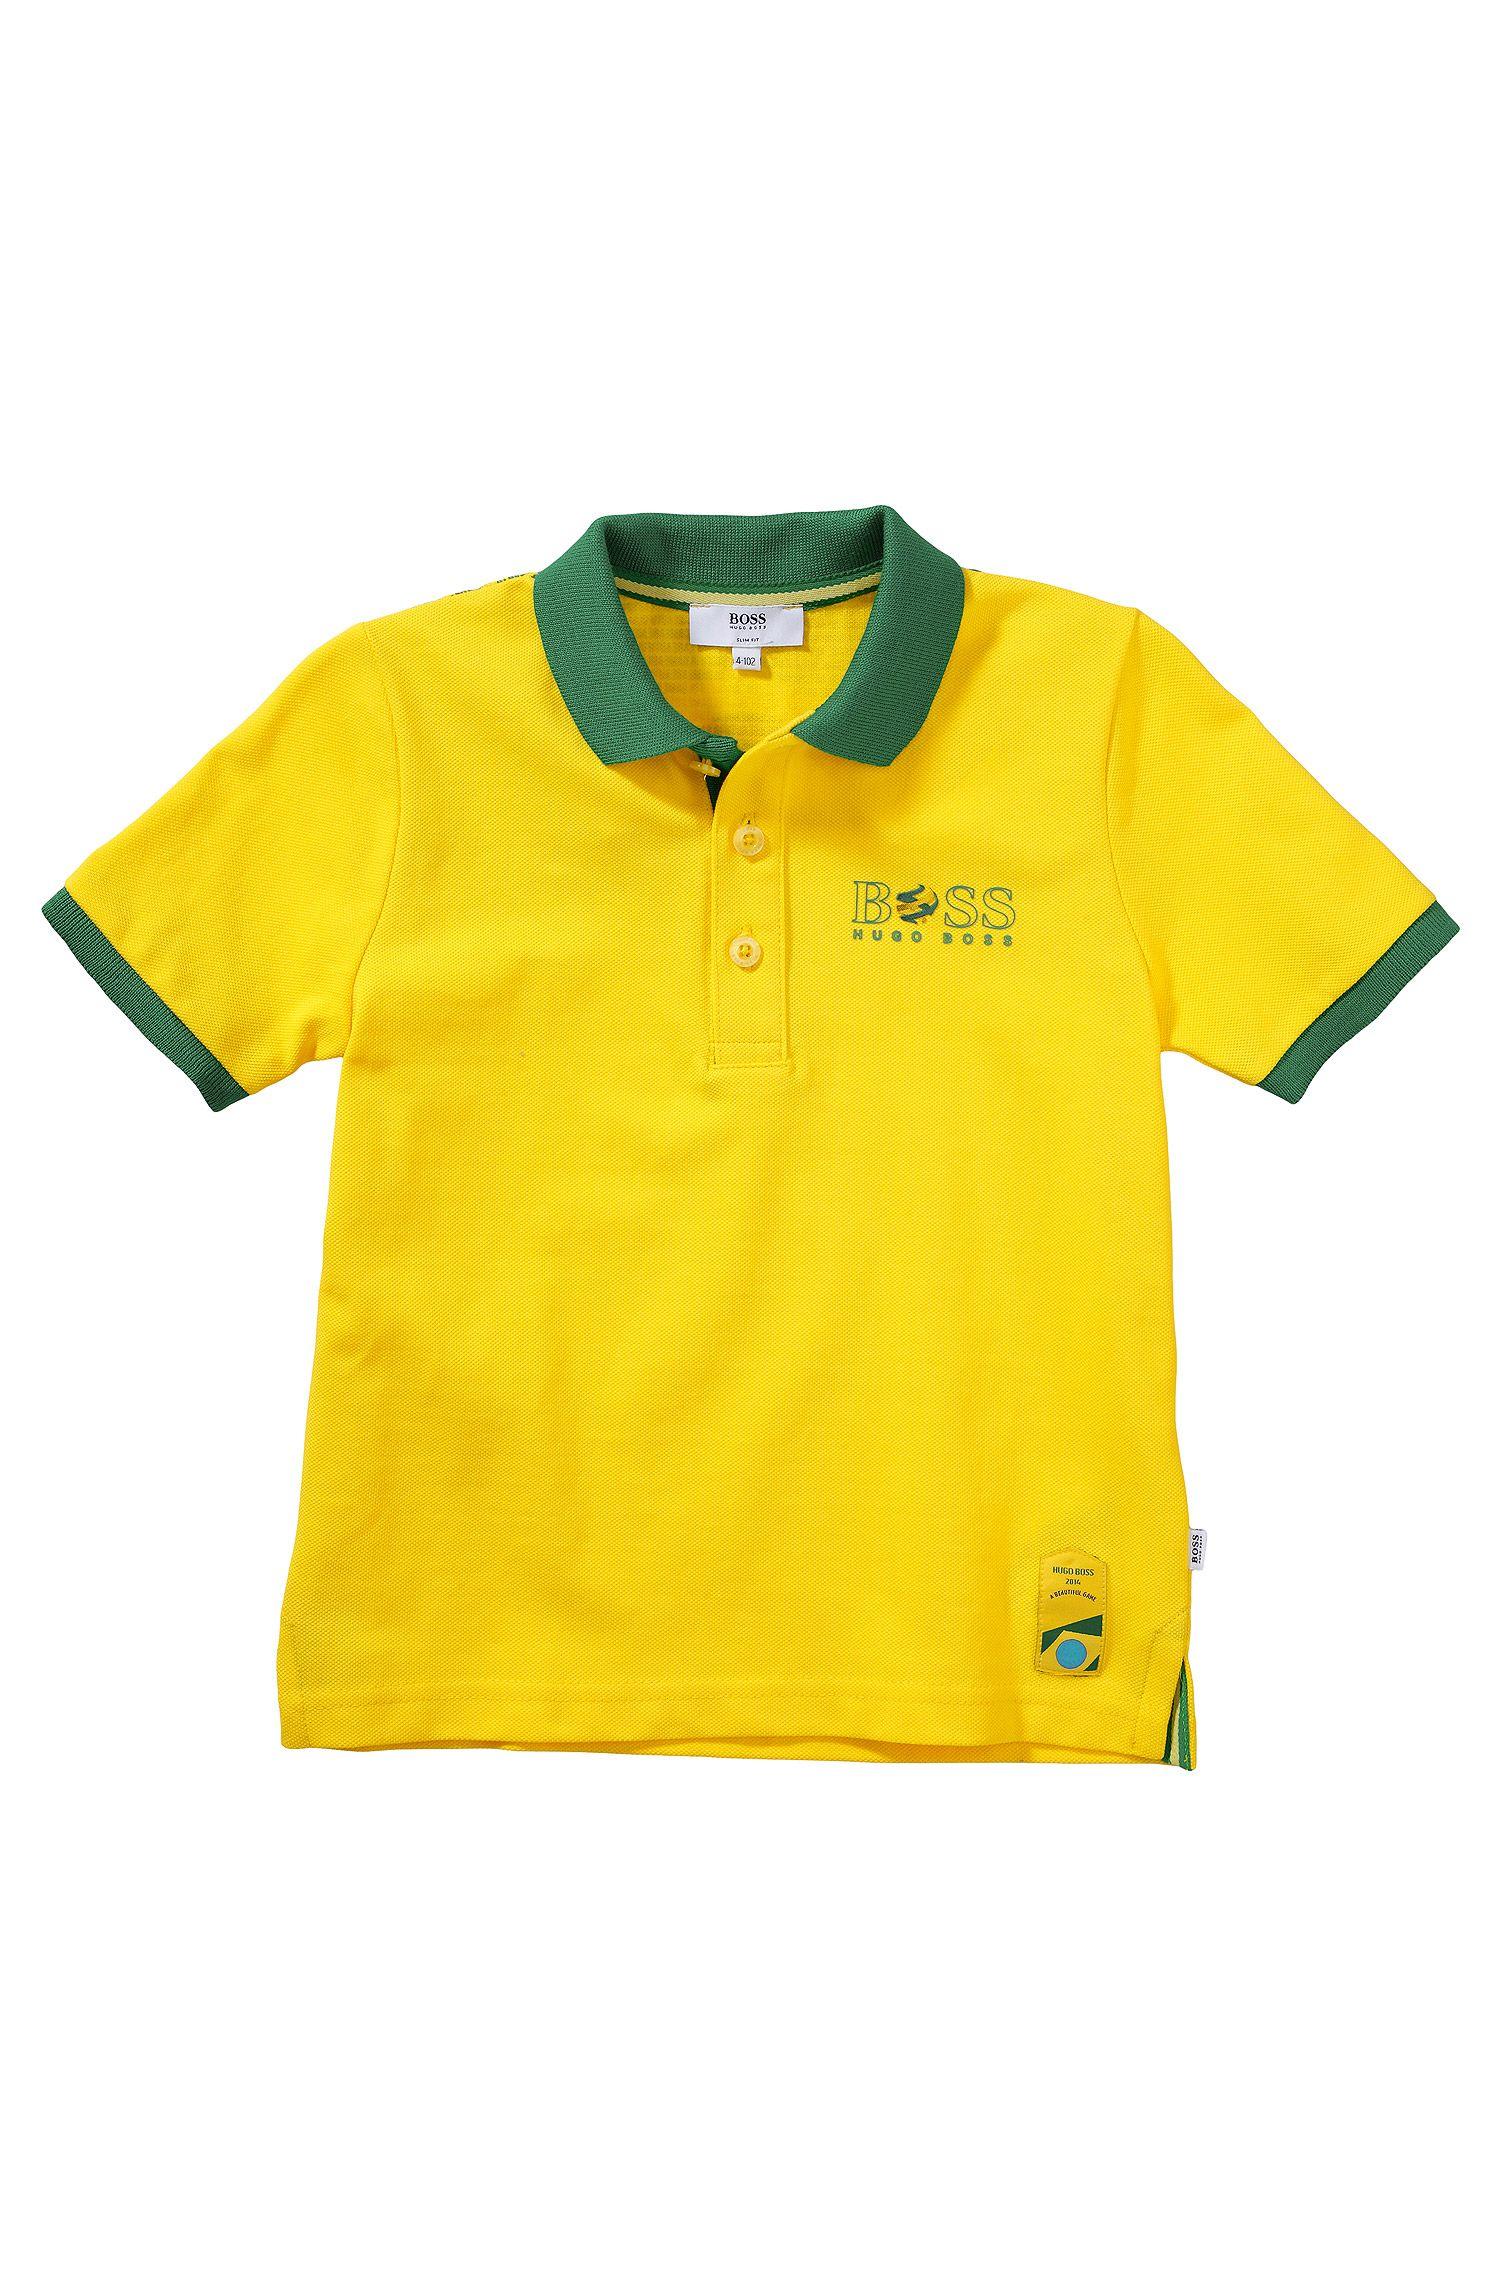 Polo pour enfant « J25671 » en maille piquée